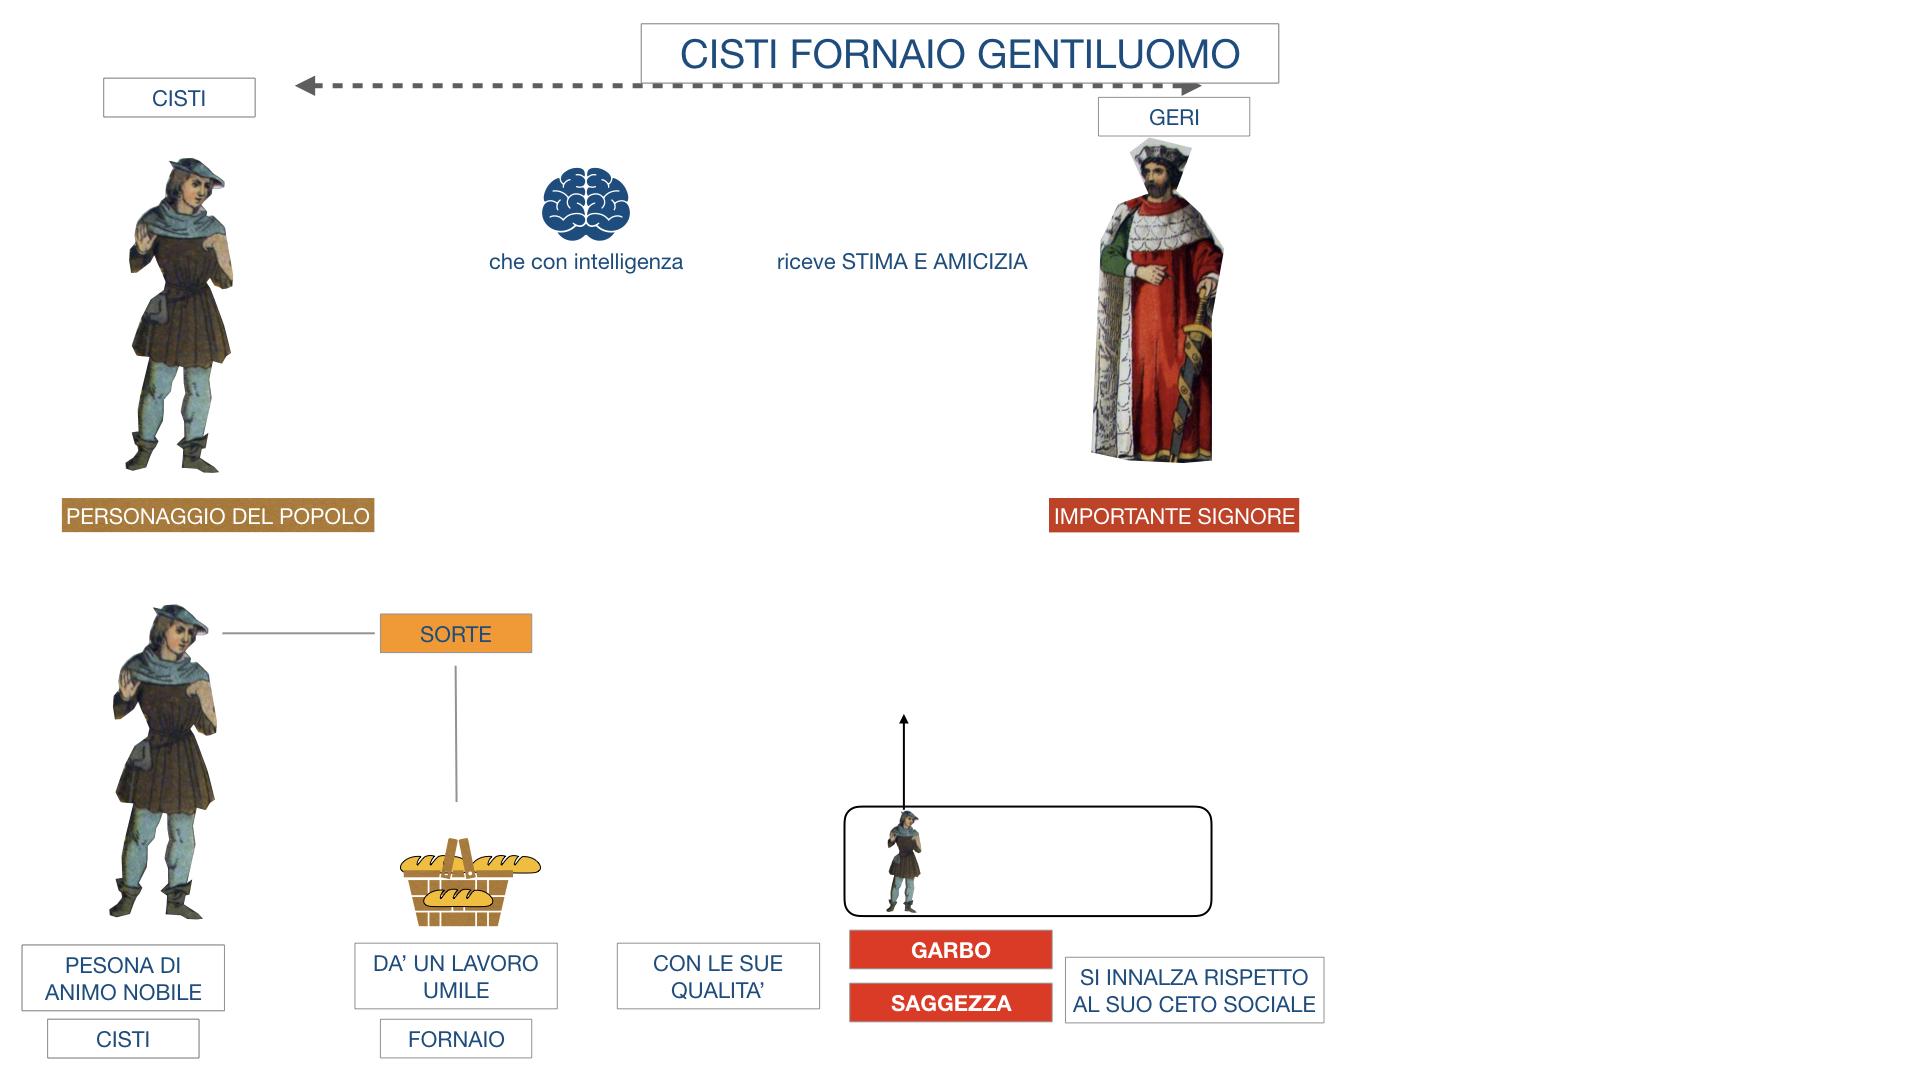 CISTI IL FORNAIO_SIMULAZIONE .013